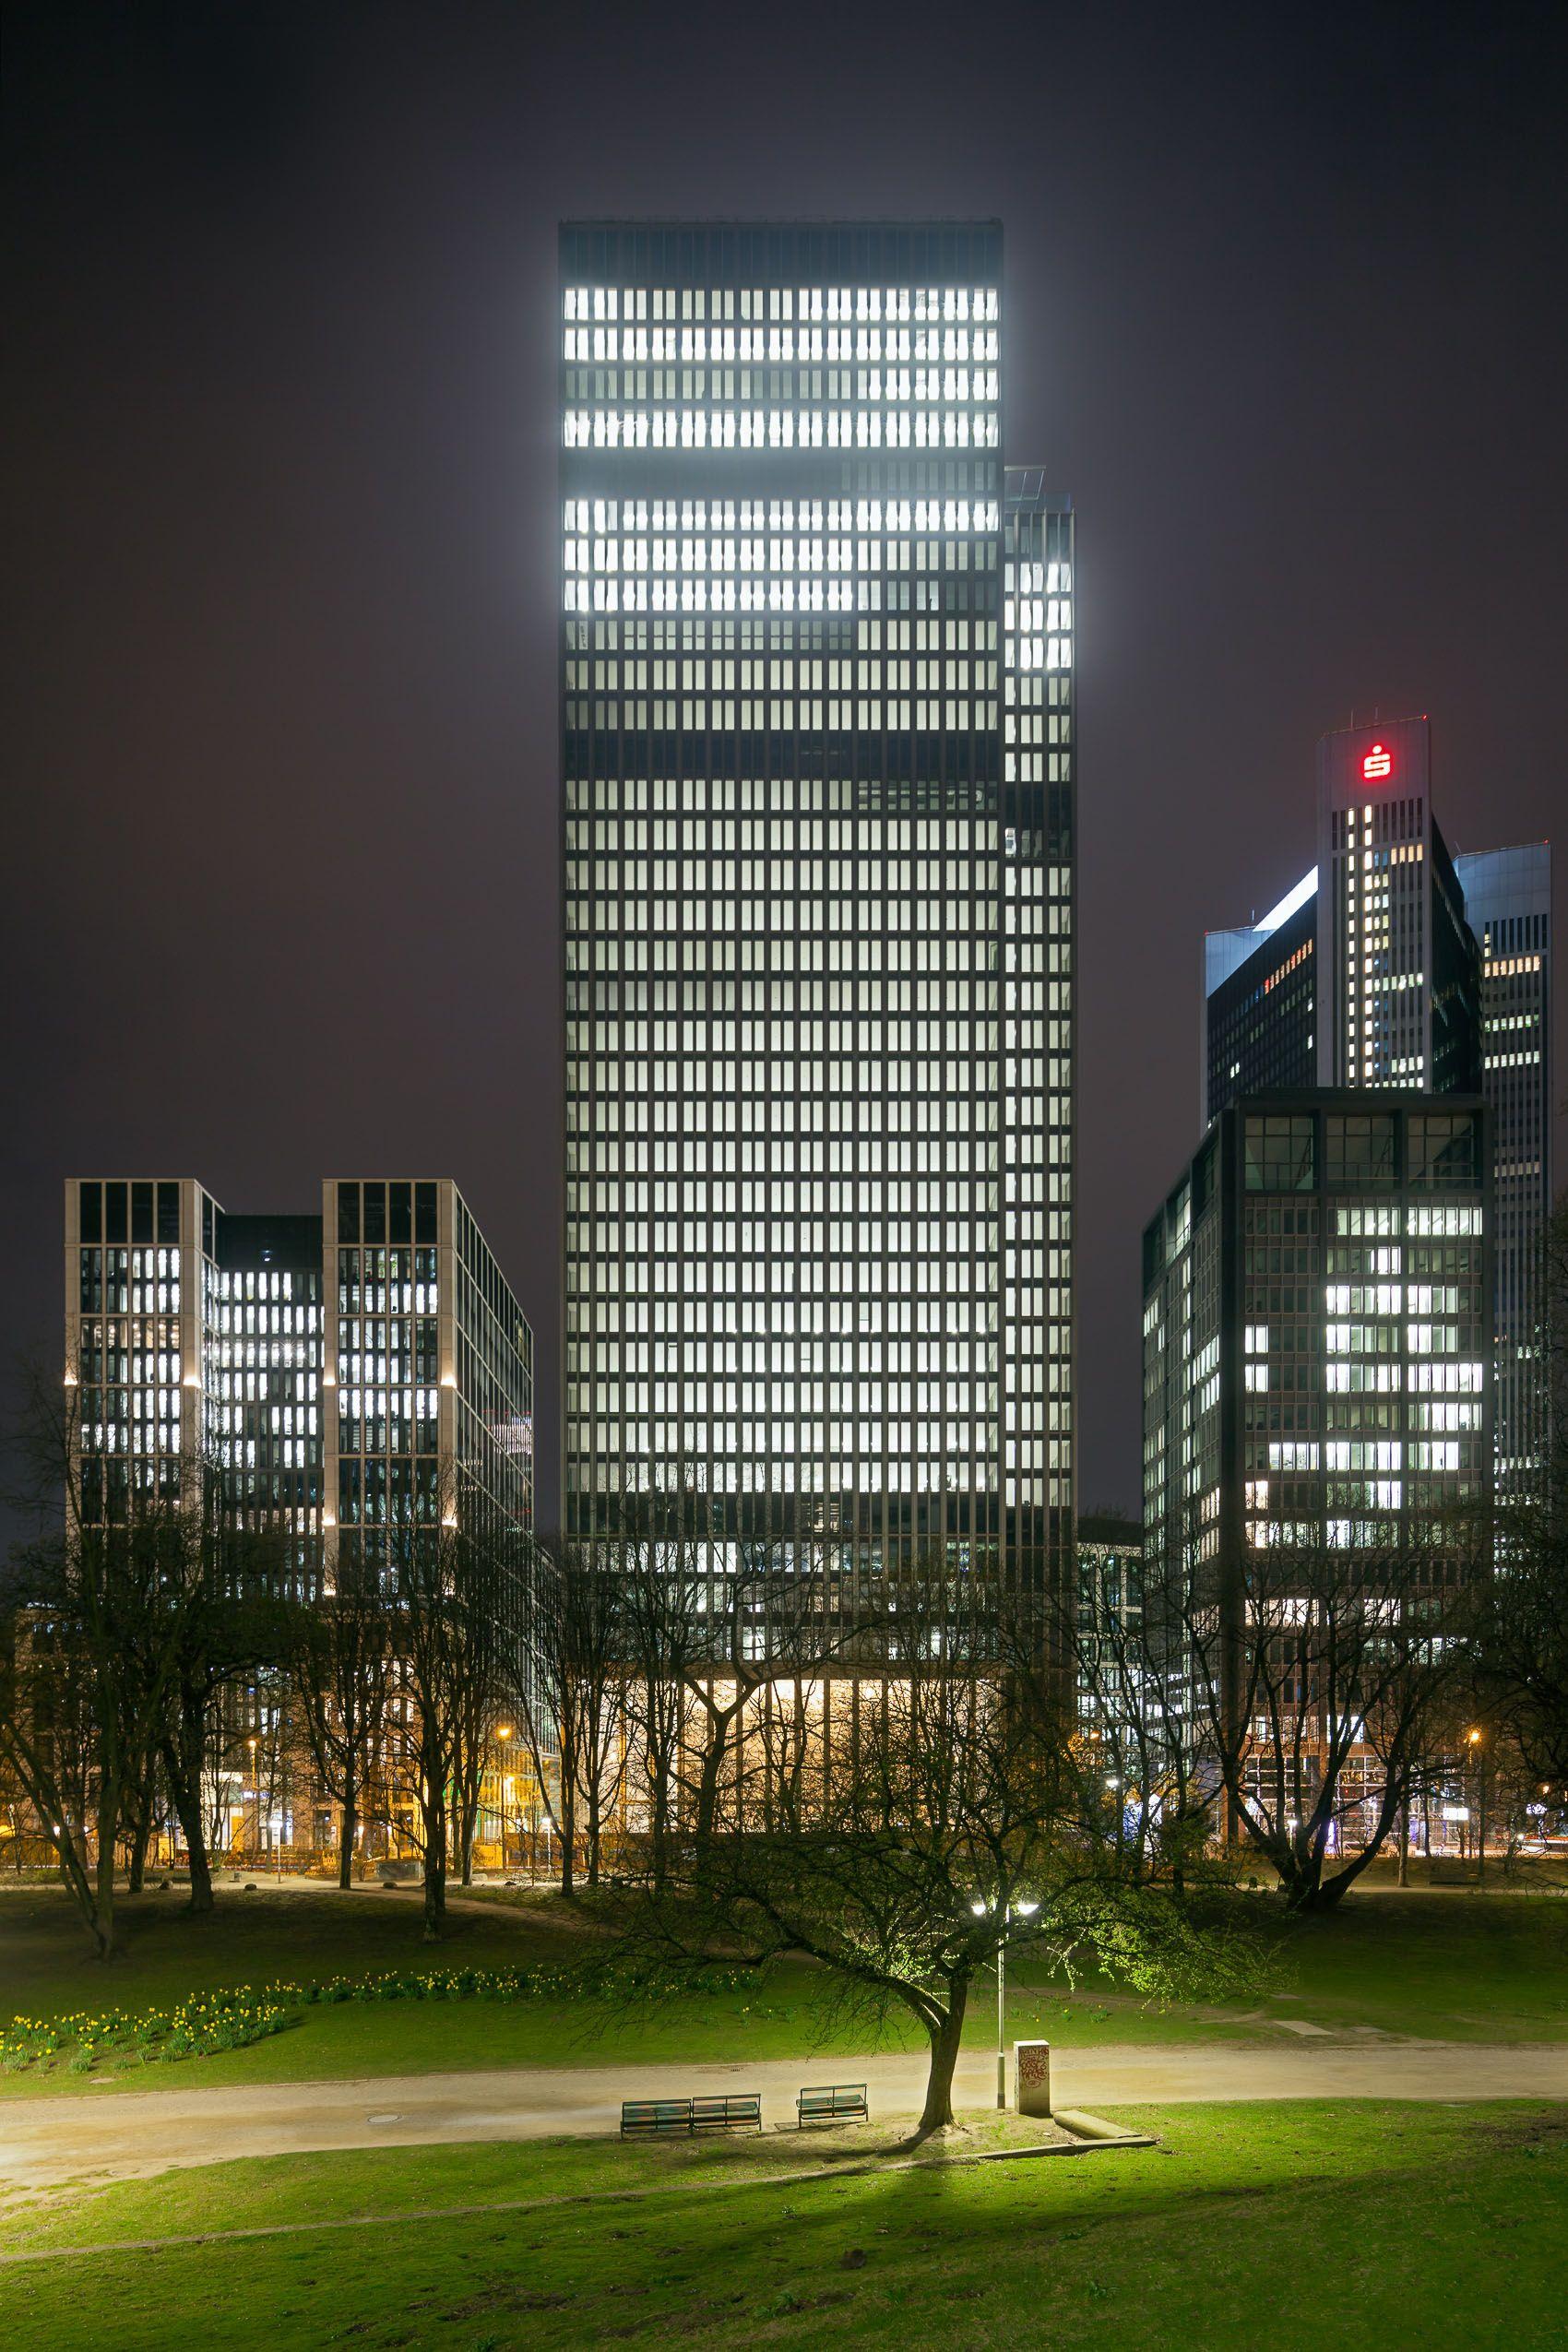 Marienturm, Frankfurt am Main 2019